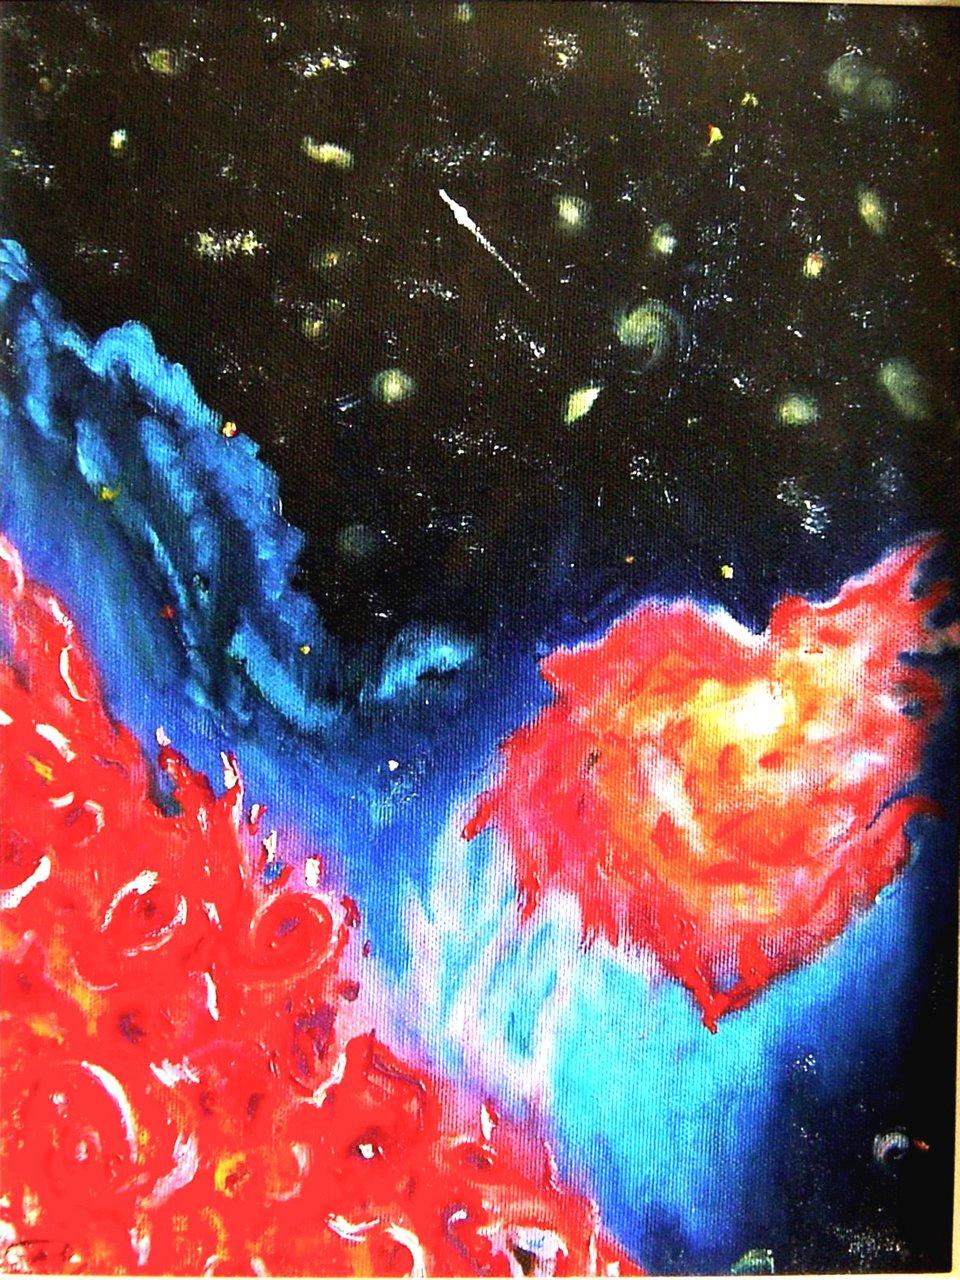 Espace Galaxie